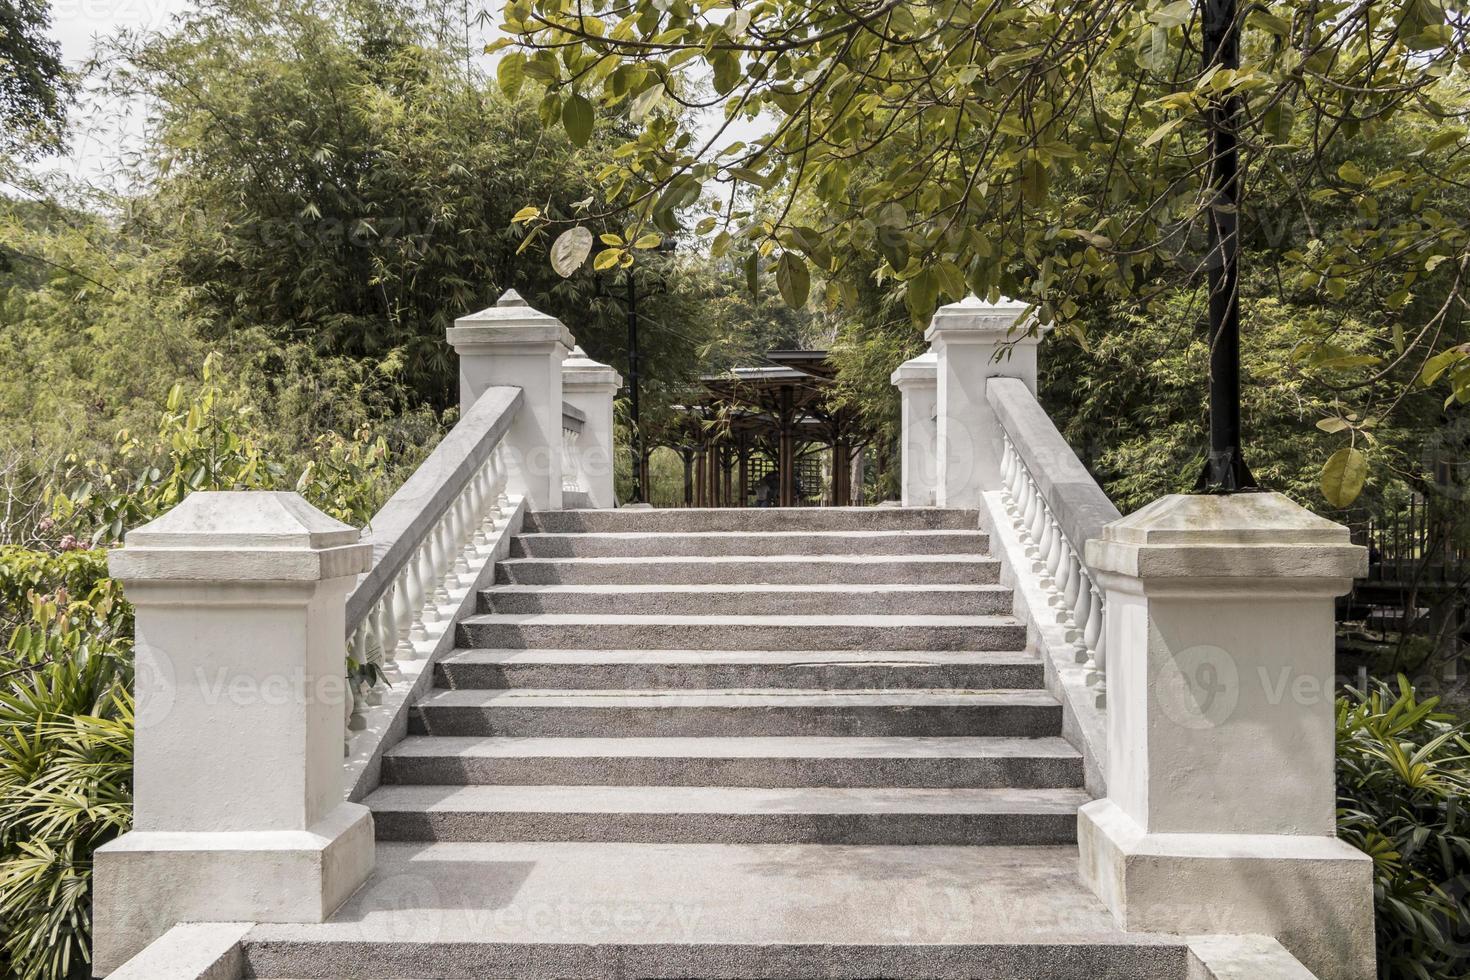 hermoso puente blanco sobre el río hasta la casa de juegos de bambú. foto